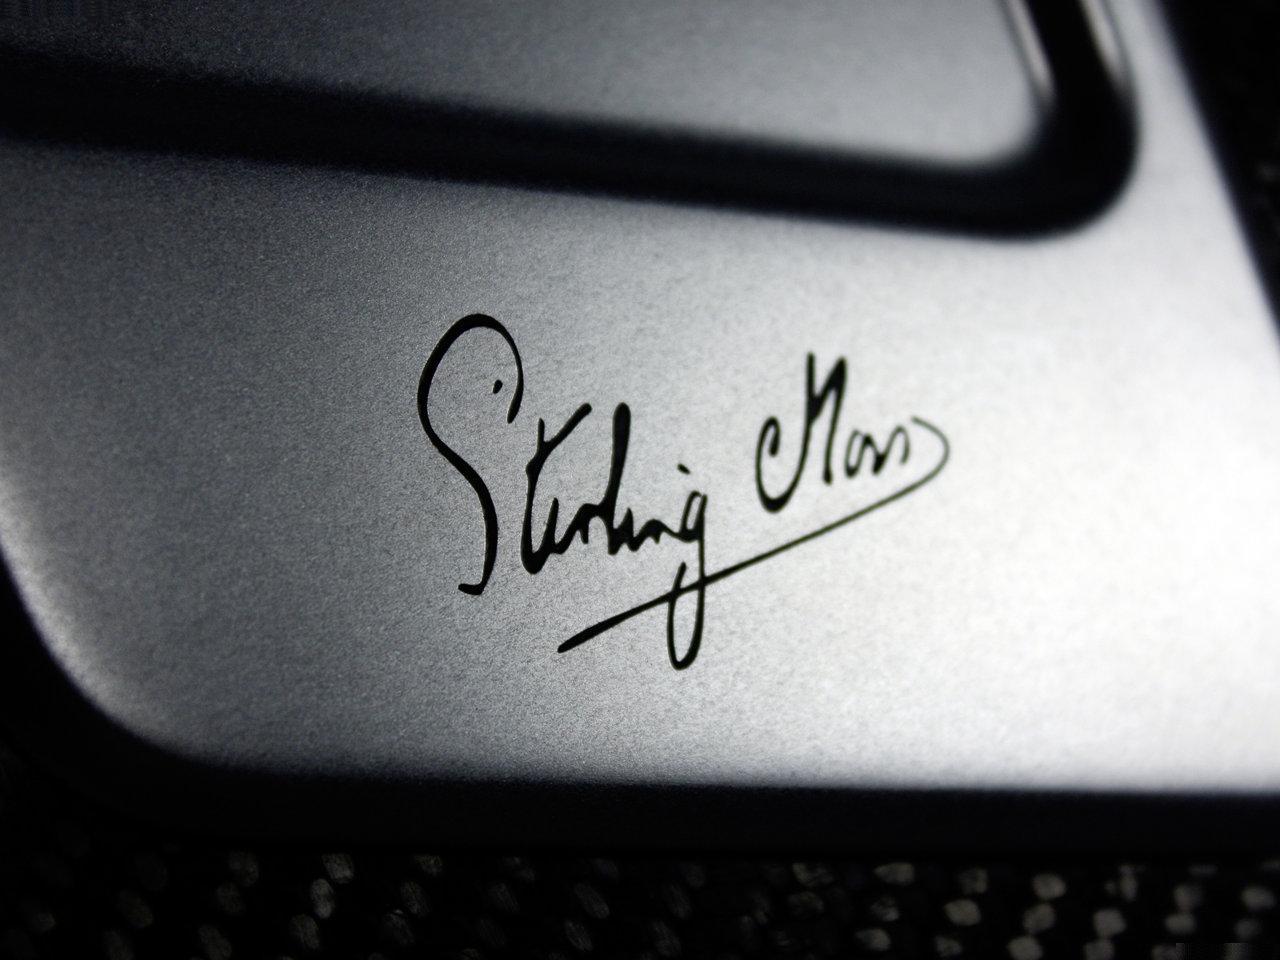 SLR_StirlingMoss21.jpg